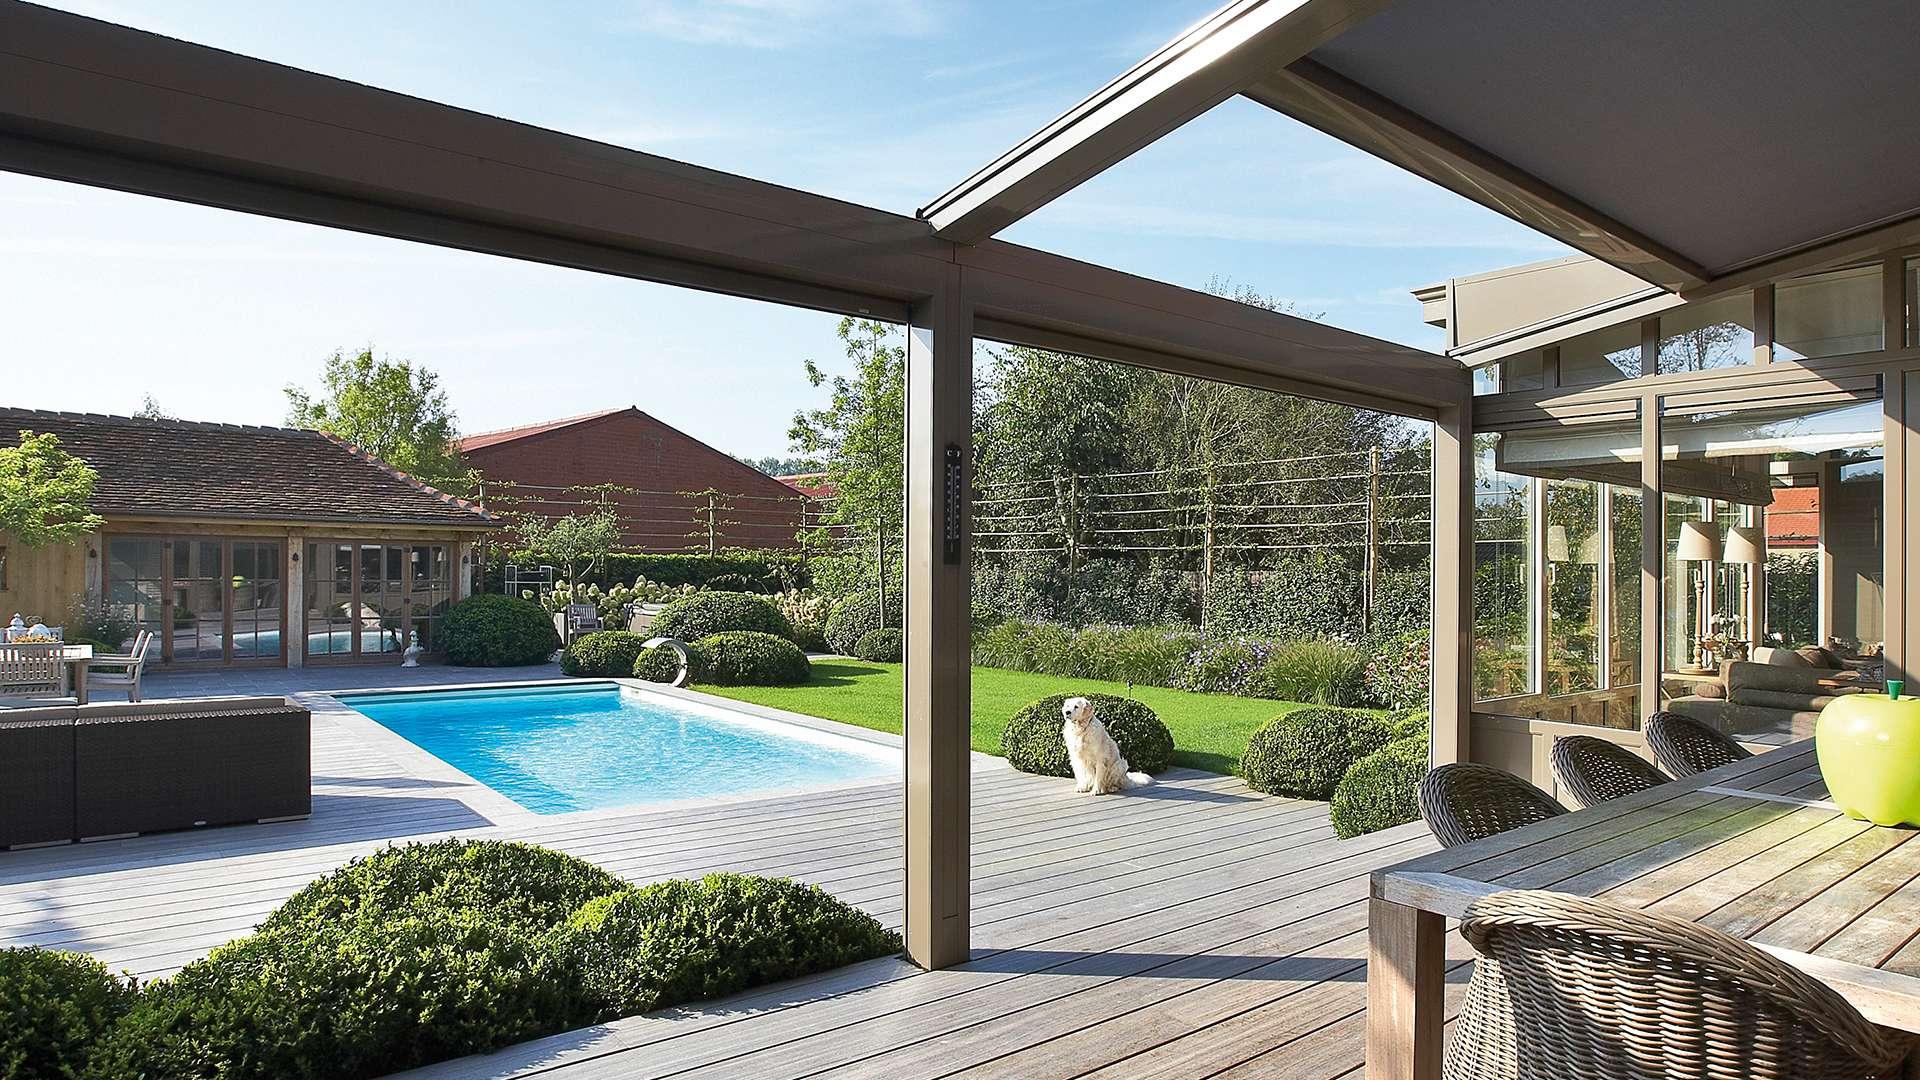 Innenansicht eines Lagune Lamellendaches mit Blick auf einen Pool